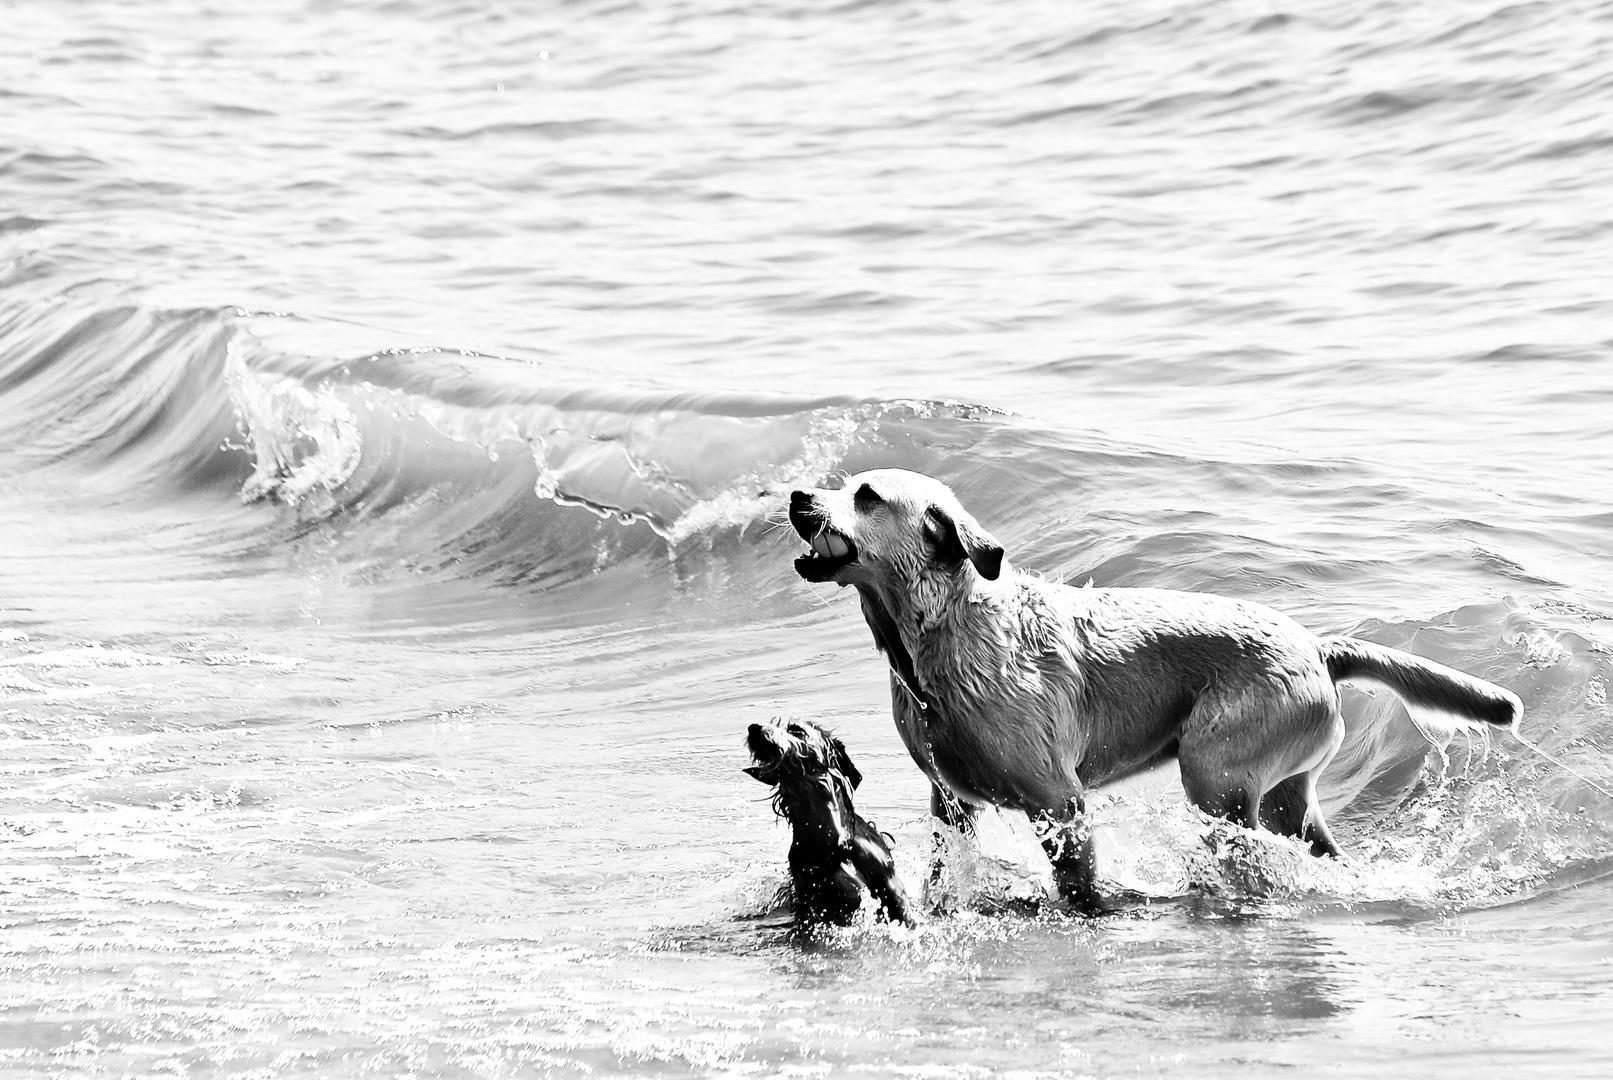 Zusammenspiel im Wasser